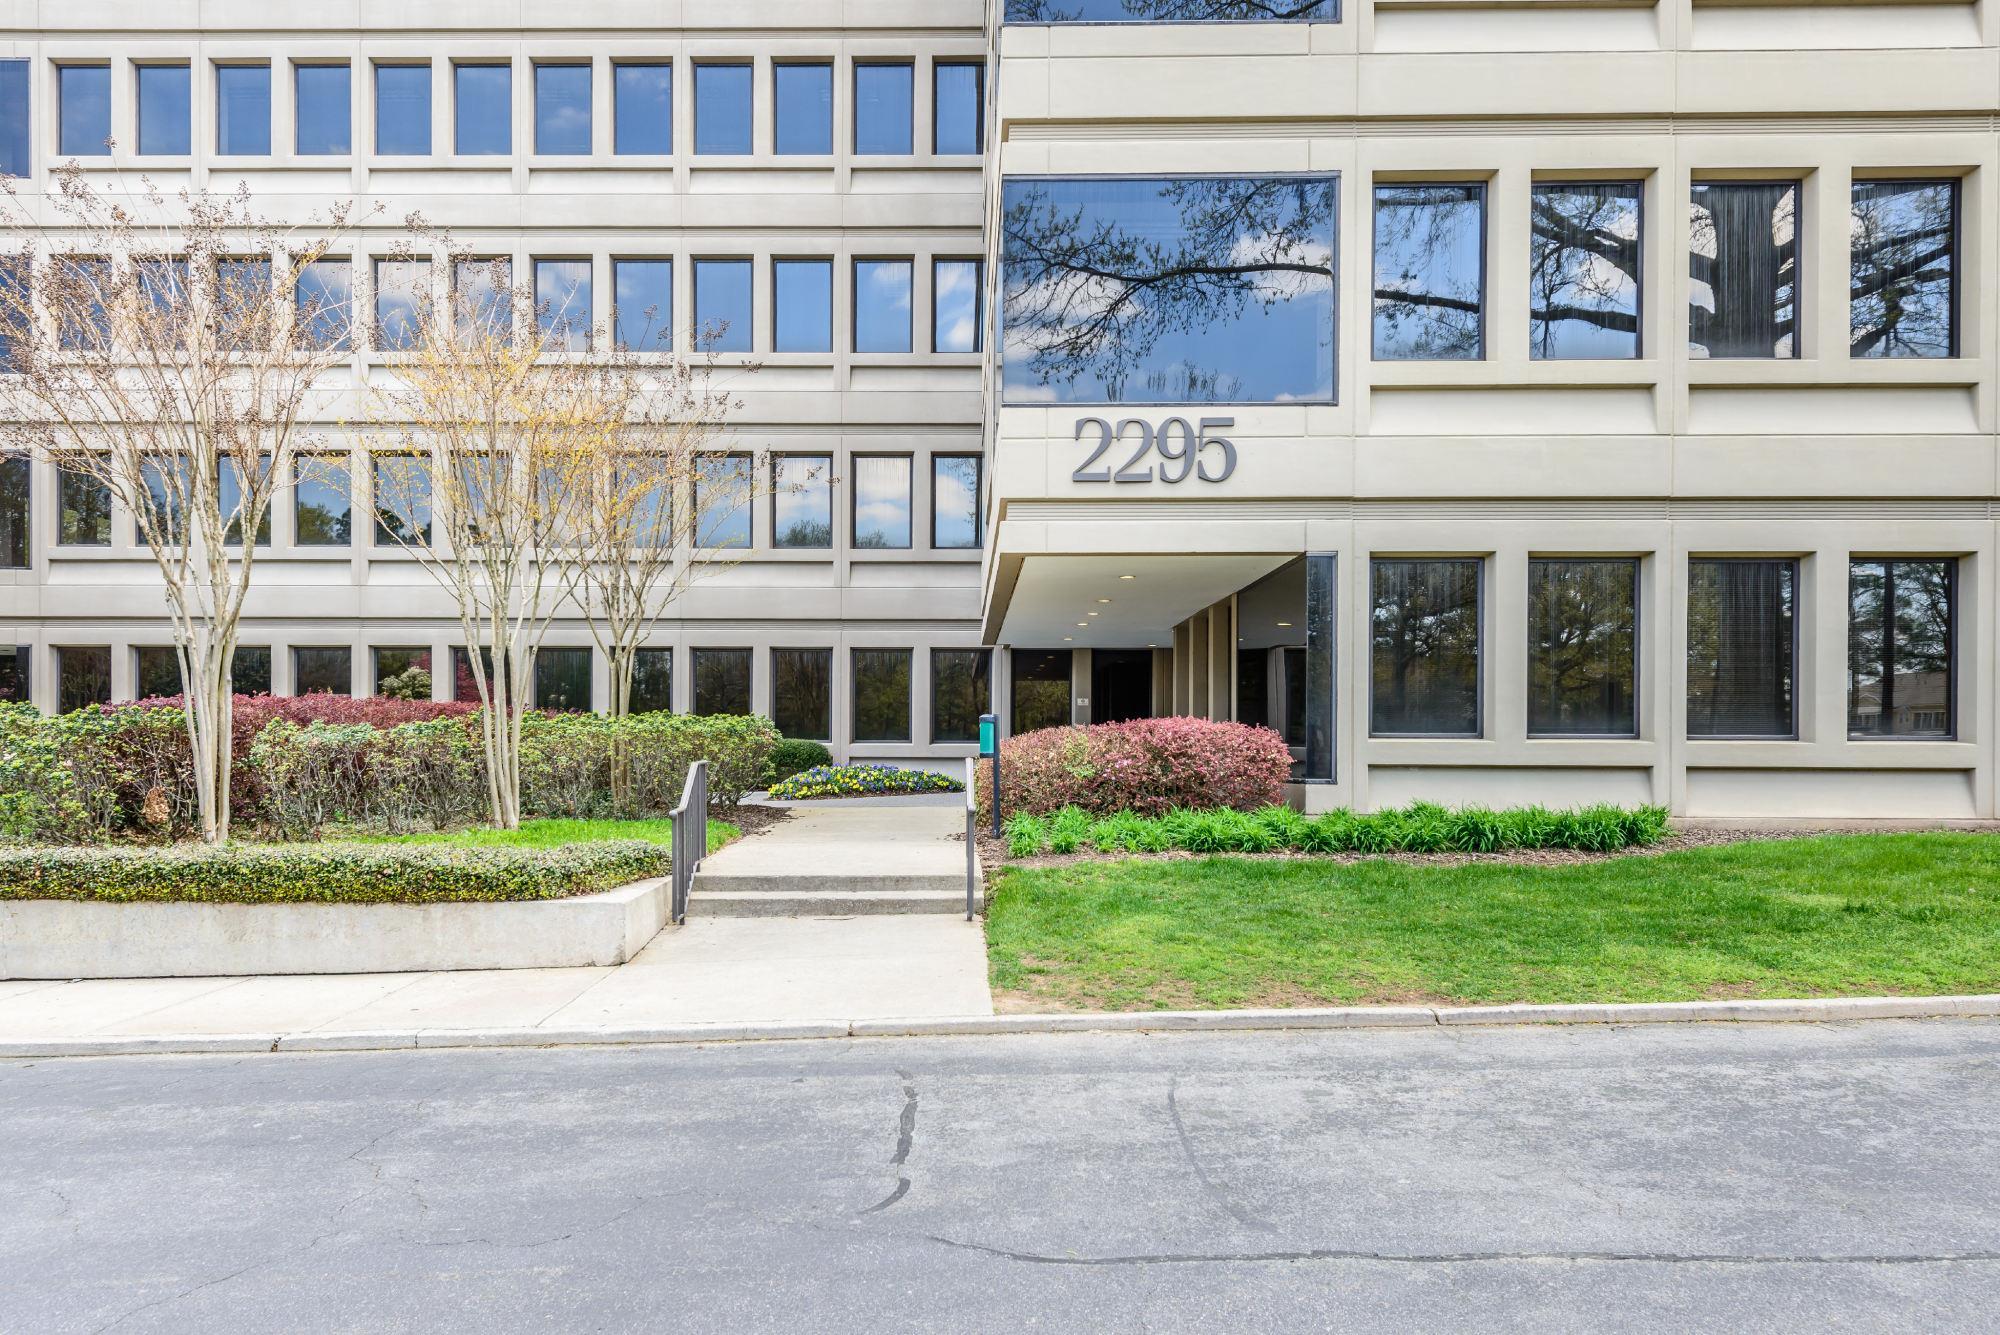 Boxer - 2295 Parklake Drive - Team Office | Suite 225